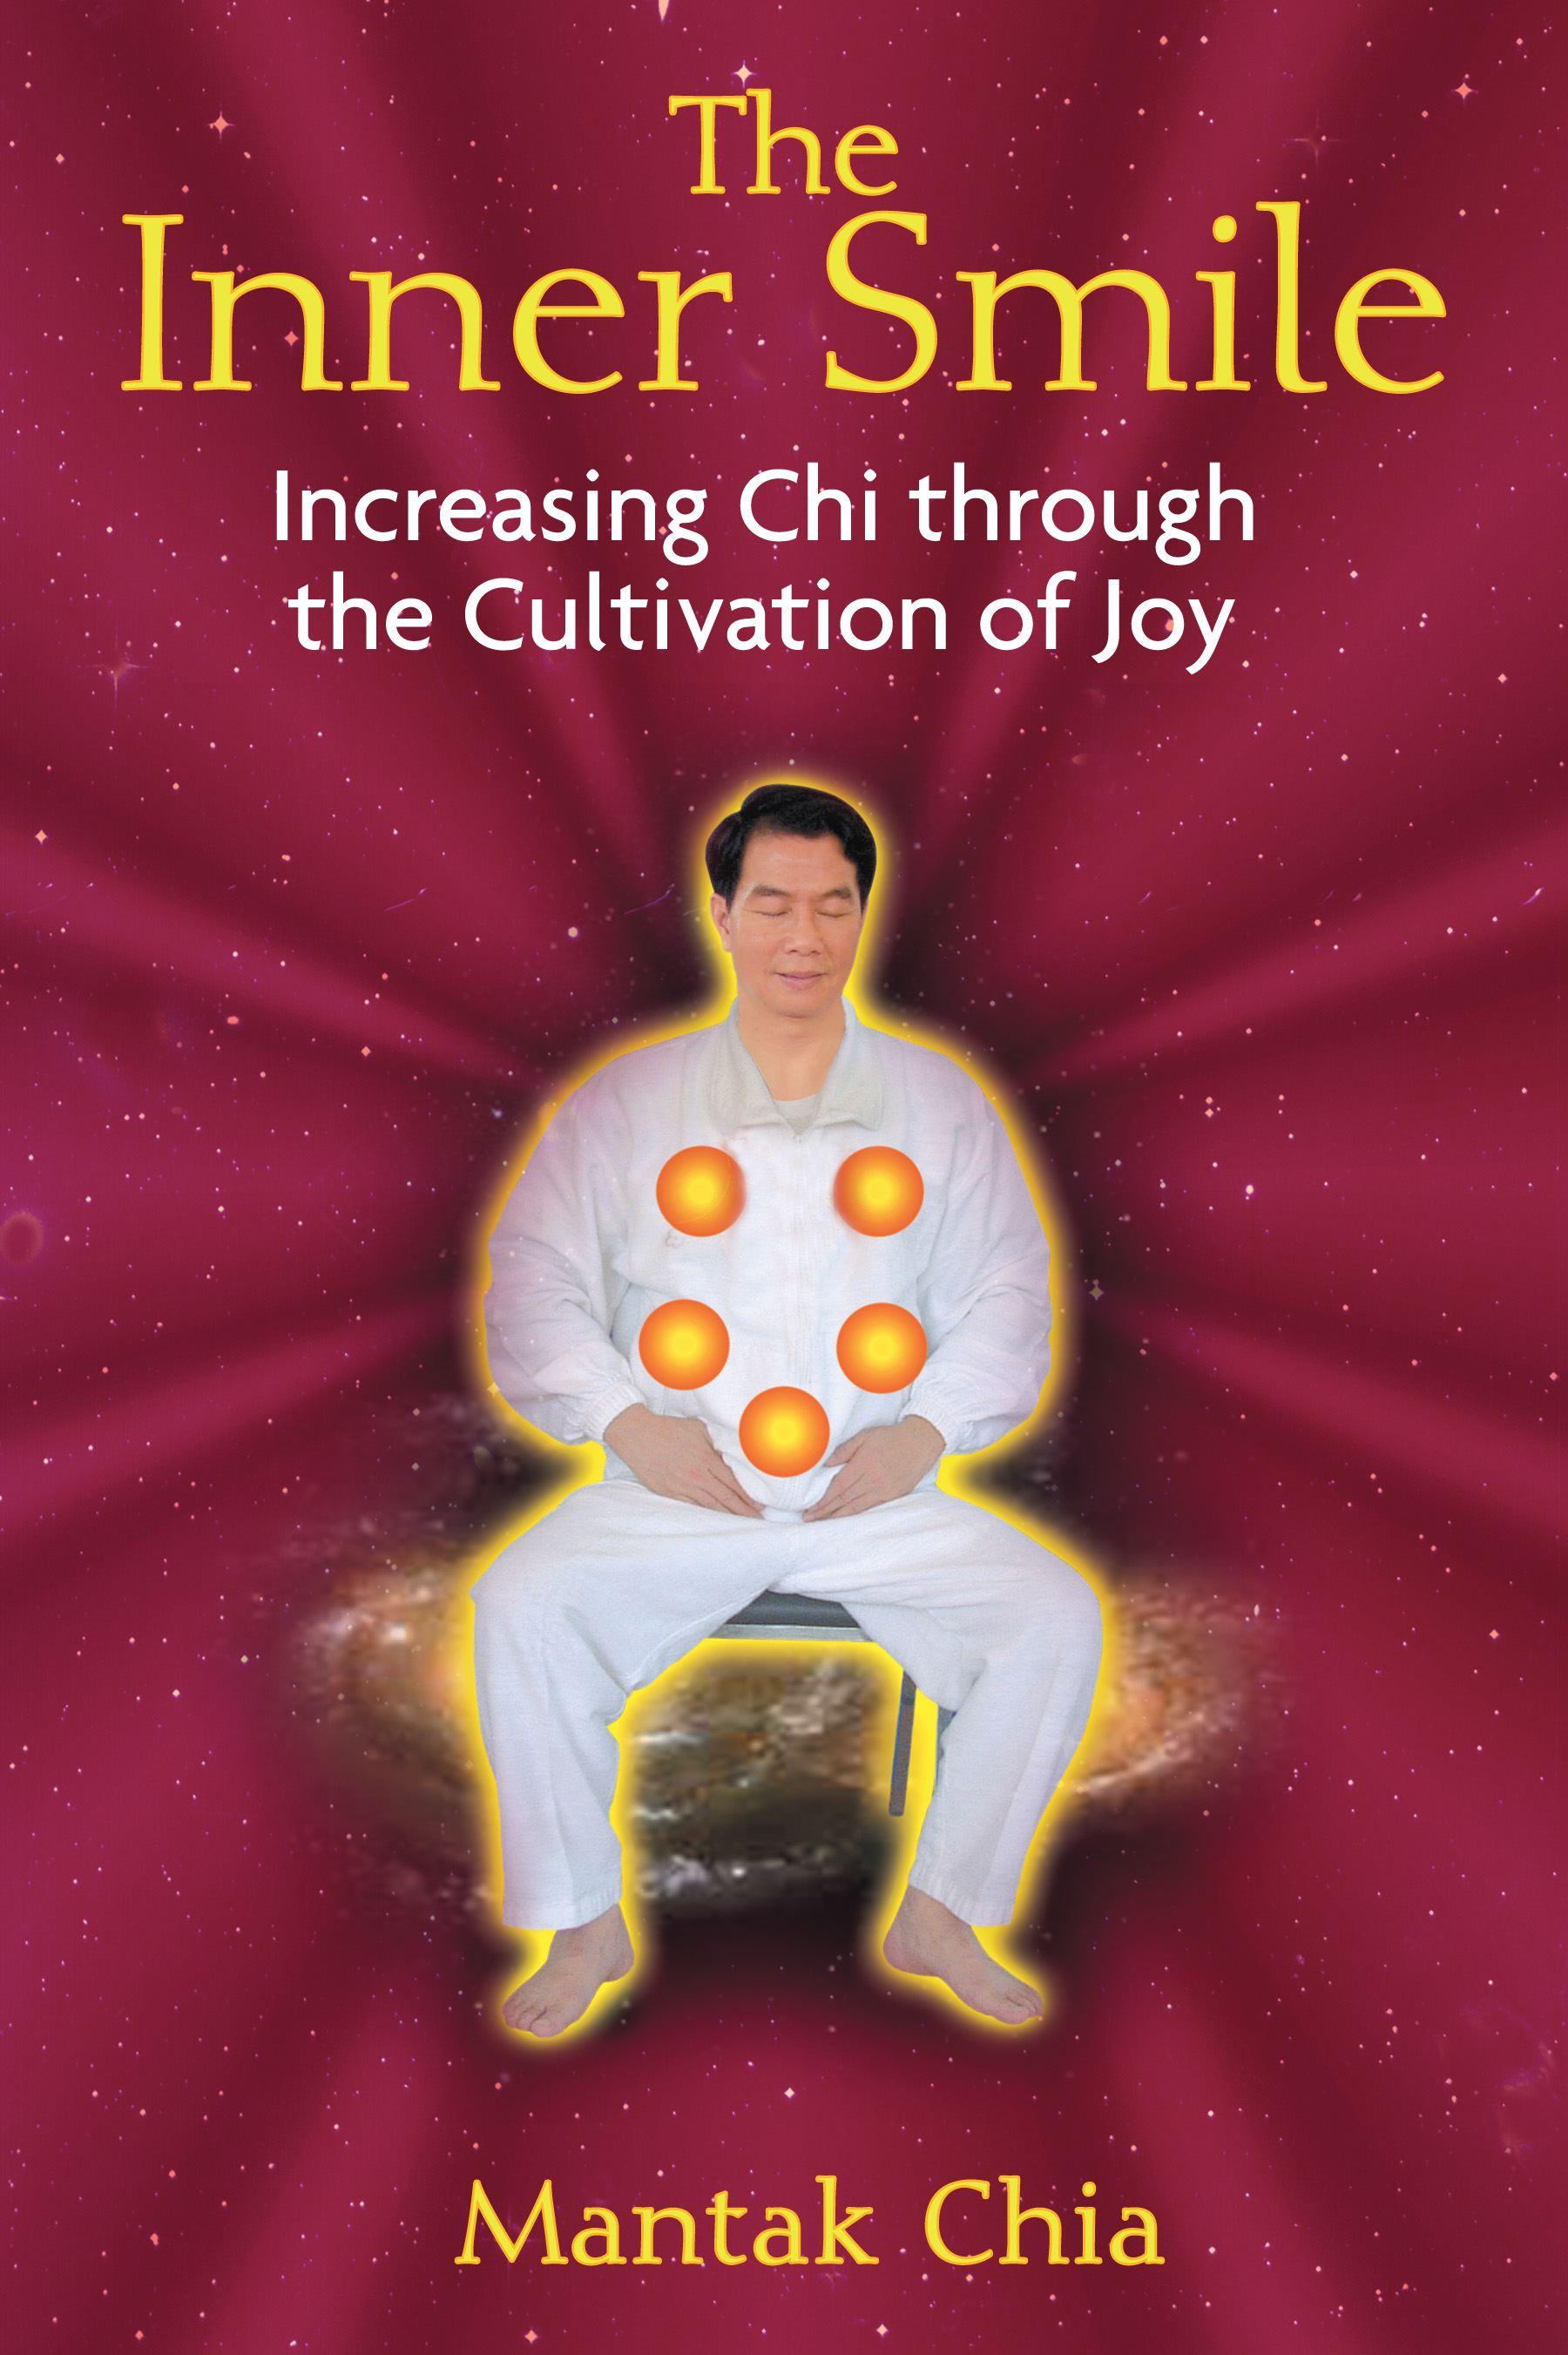 Ebook download chia mantak free